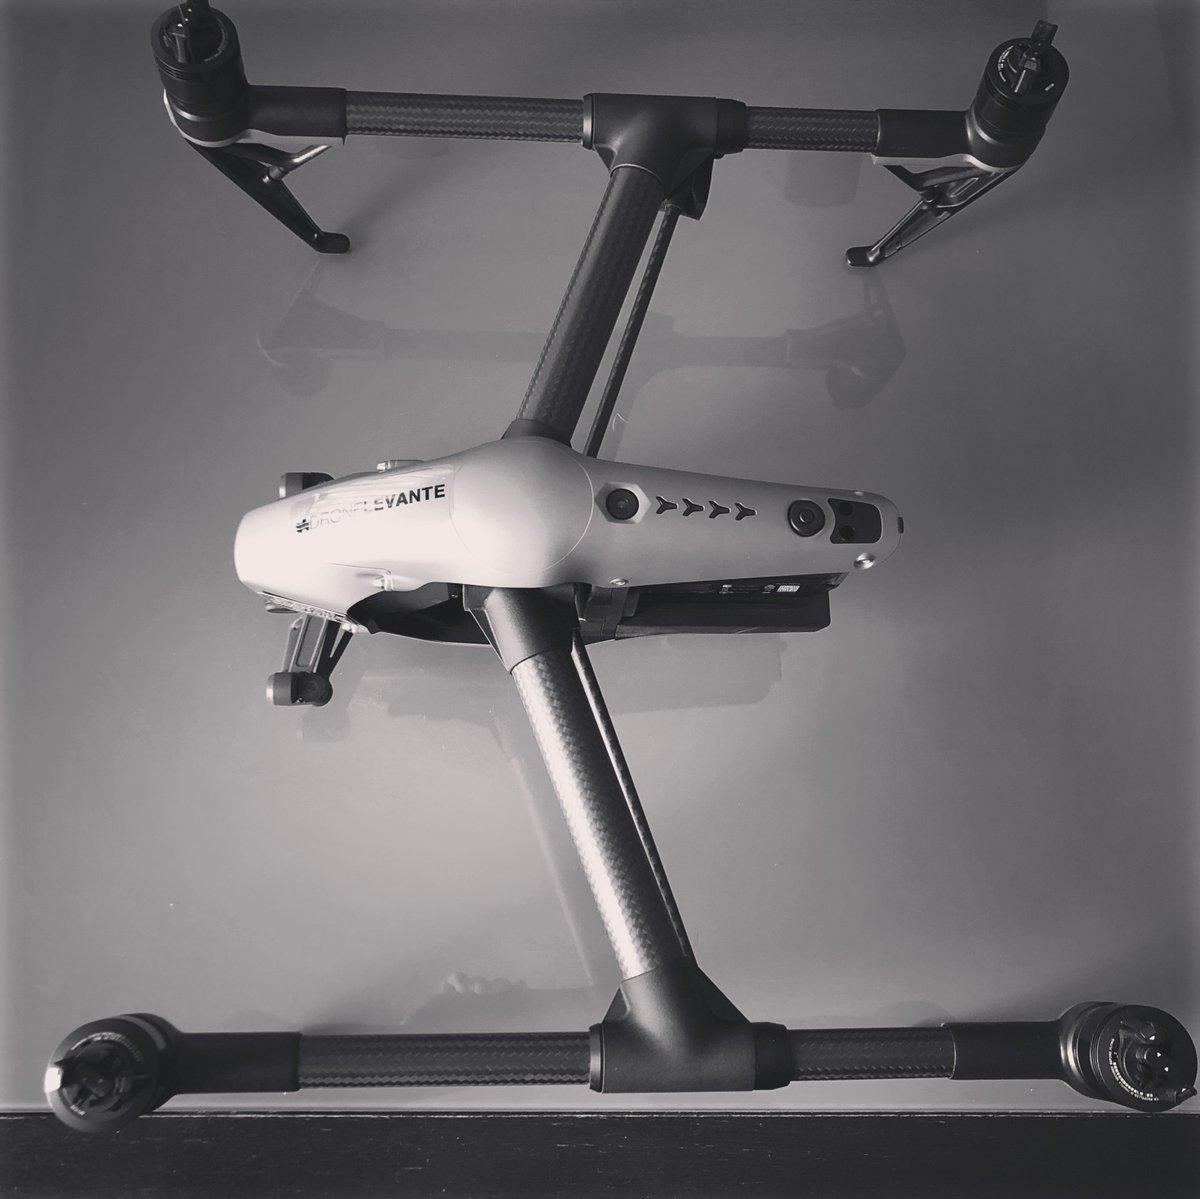 Promotion drone civil, avis tournage drone